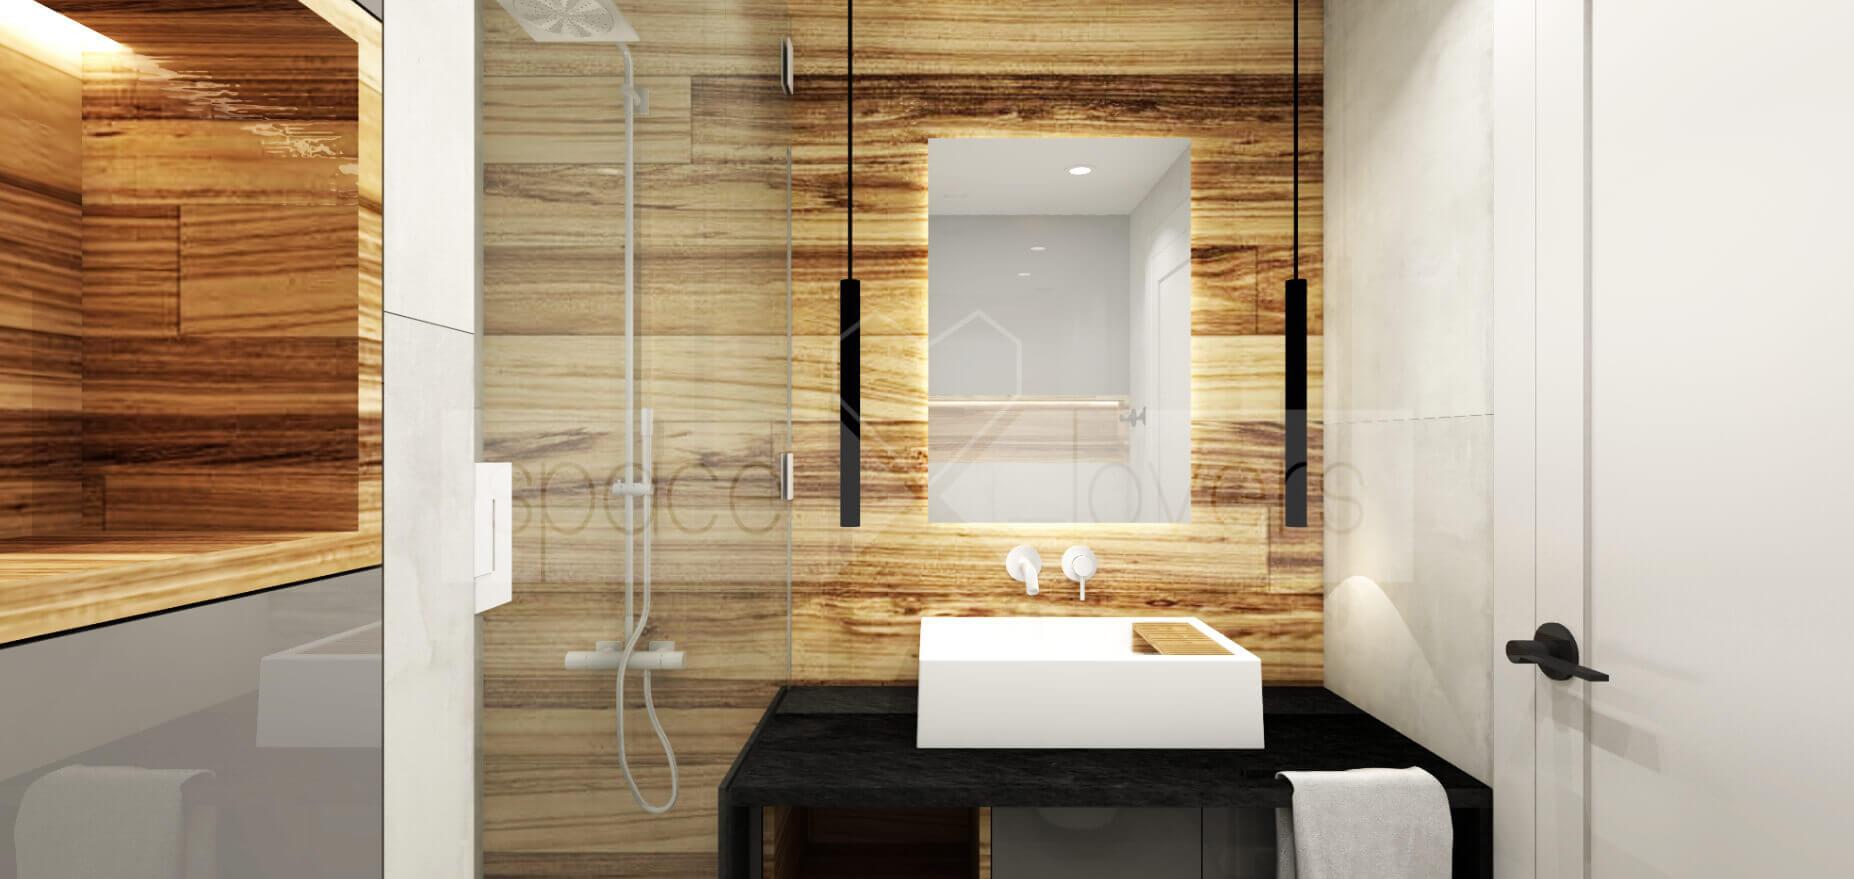 remodelacao-apartamento-parque-das-nacoes-lisboa-casa-banho-social-lavatorio-bancada-espelho